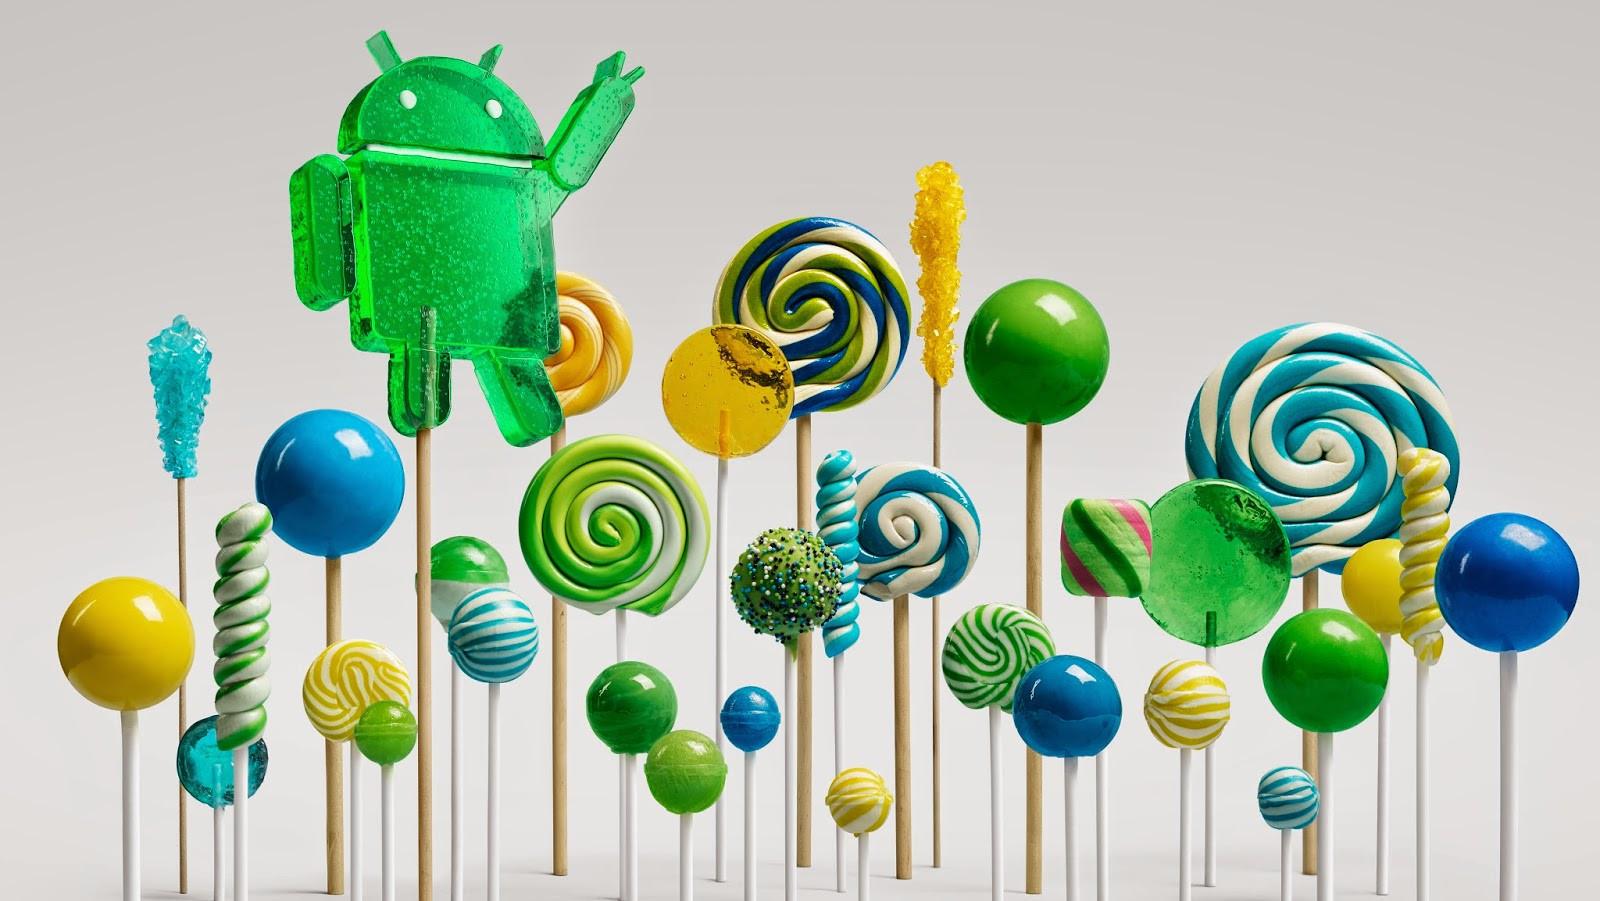 是在 Android 棉花糖將推出前, Android 棒棒糖終於拿下 2 成 Android 平台佔有率這篇文章的首圖